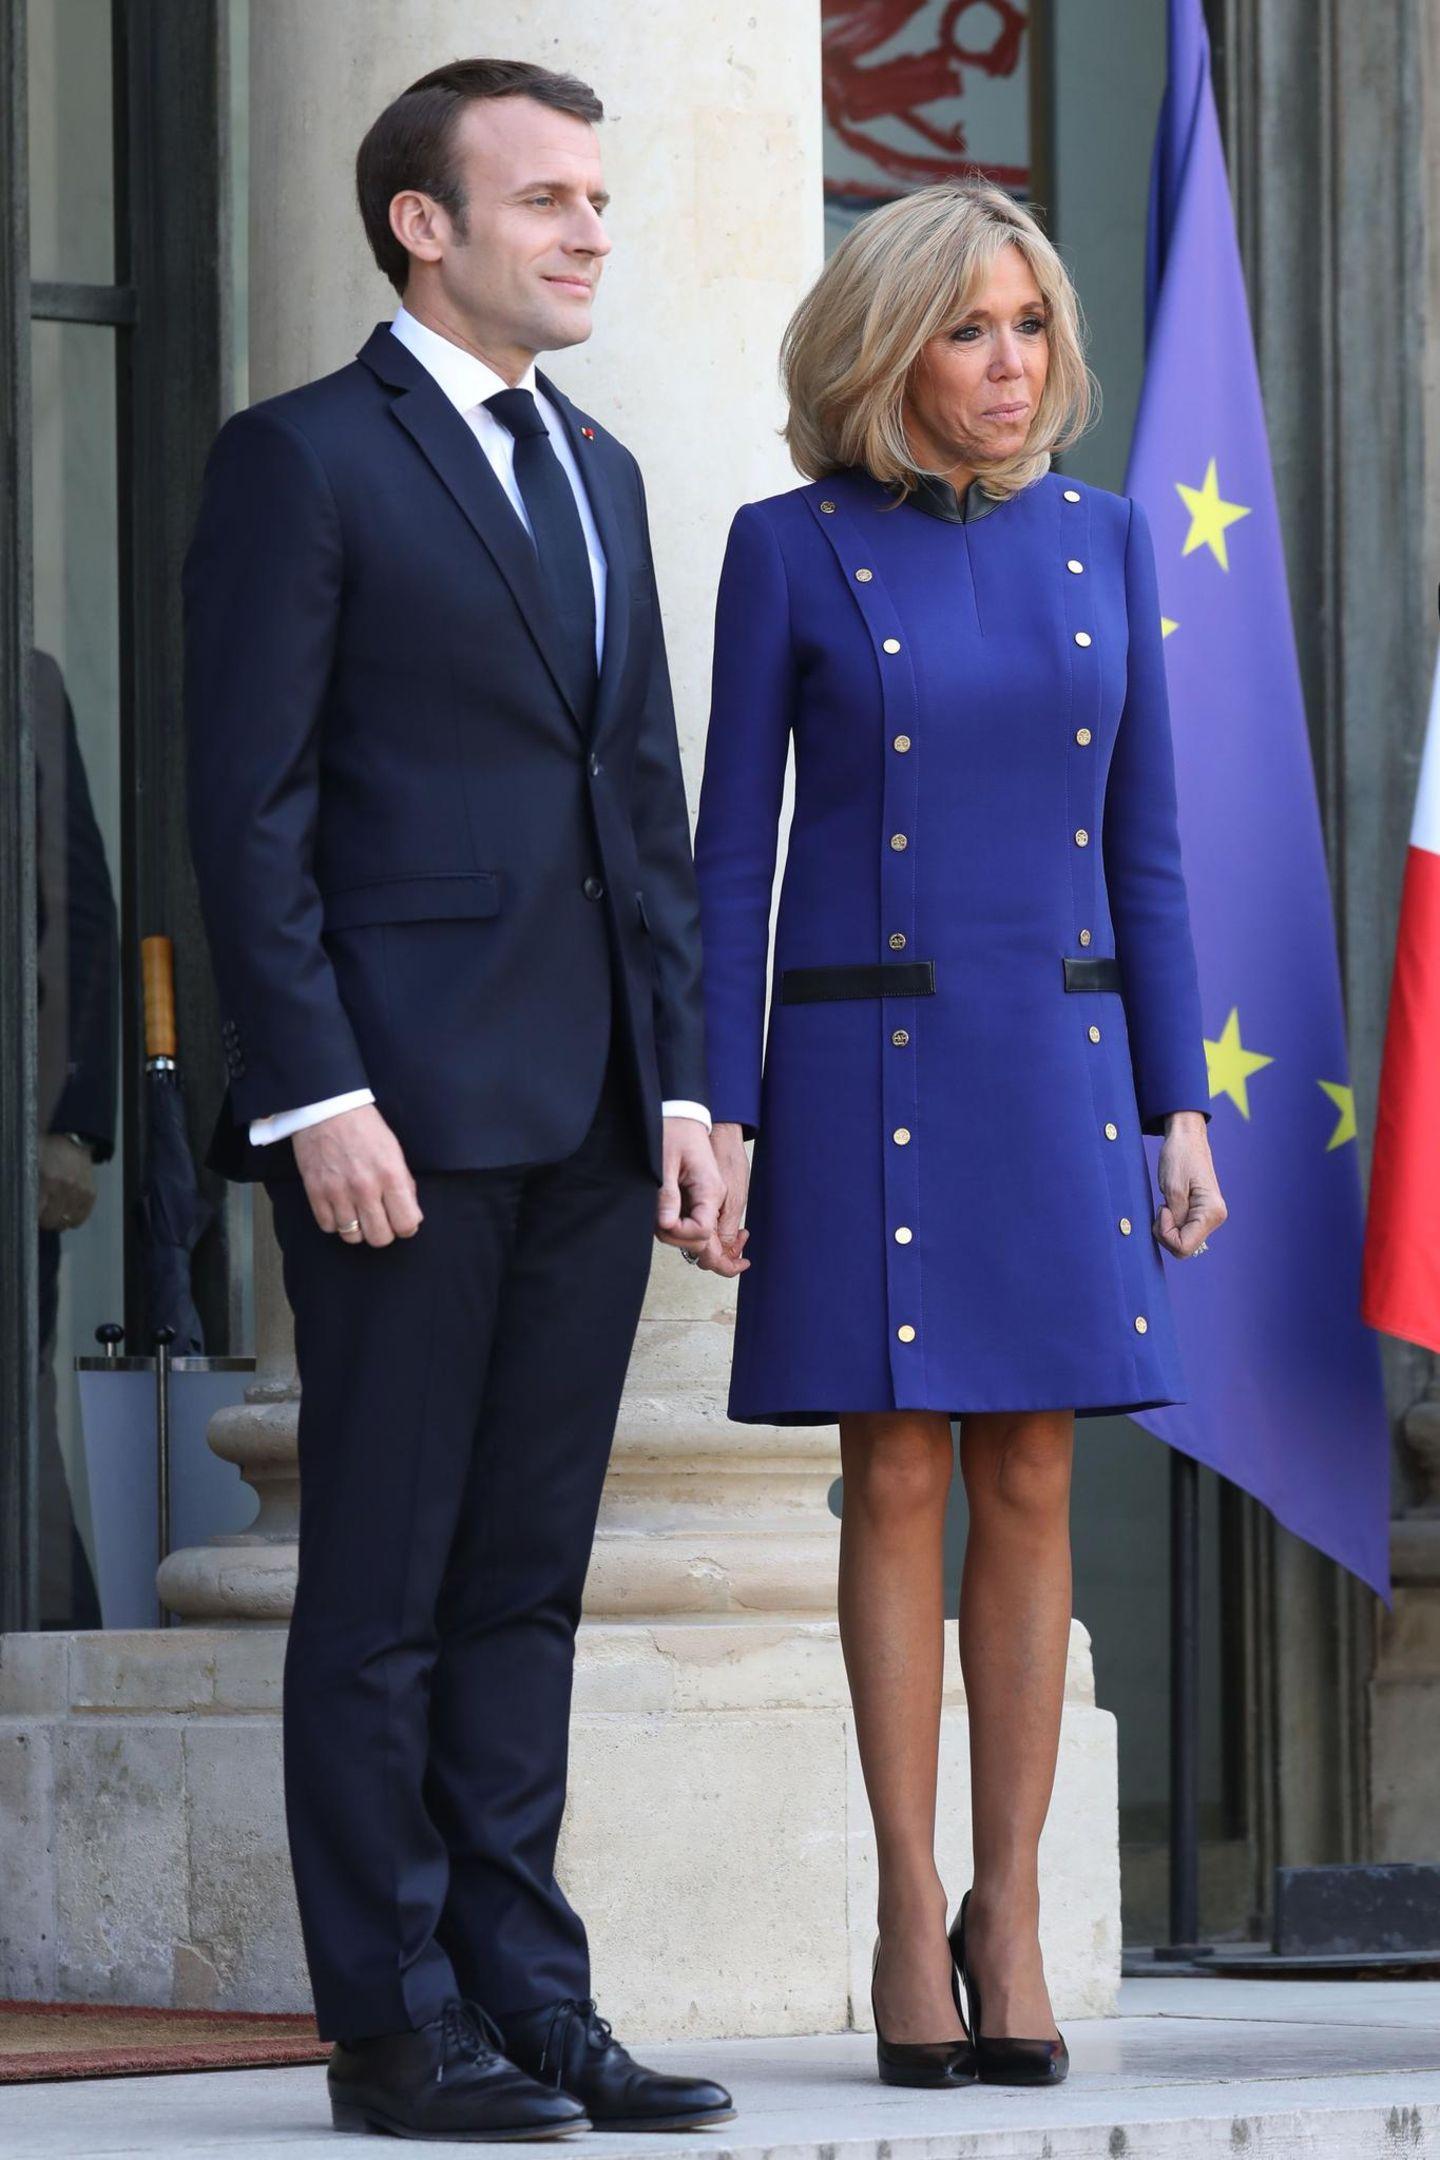 Fast könnte man glaube, Frankreichs Präsidentengattin Brigitte Macron habe ihr Kleid farblich auf die Europaflagge abgestimmt. So oder so ist das elegante Etuikleid ein kluger Schachzug der 65-Jährigen, da es ihre wunderschöne Silhouette perfekt betont.